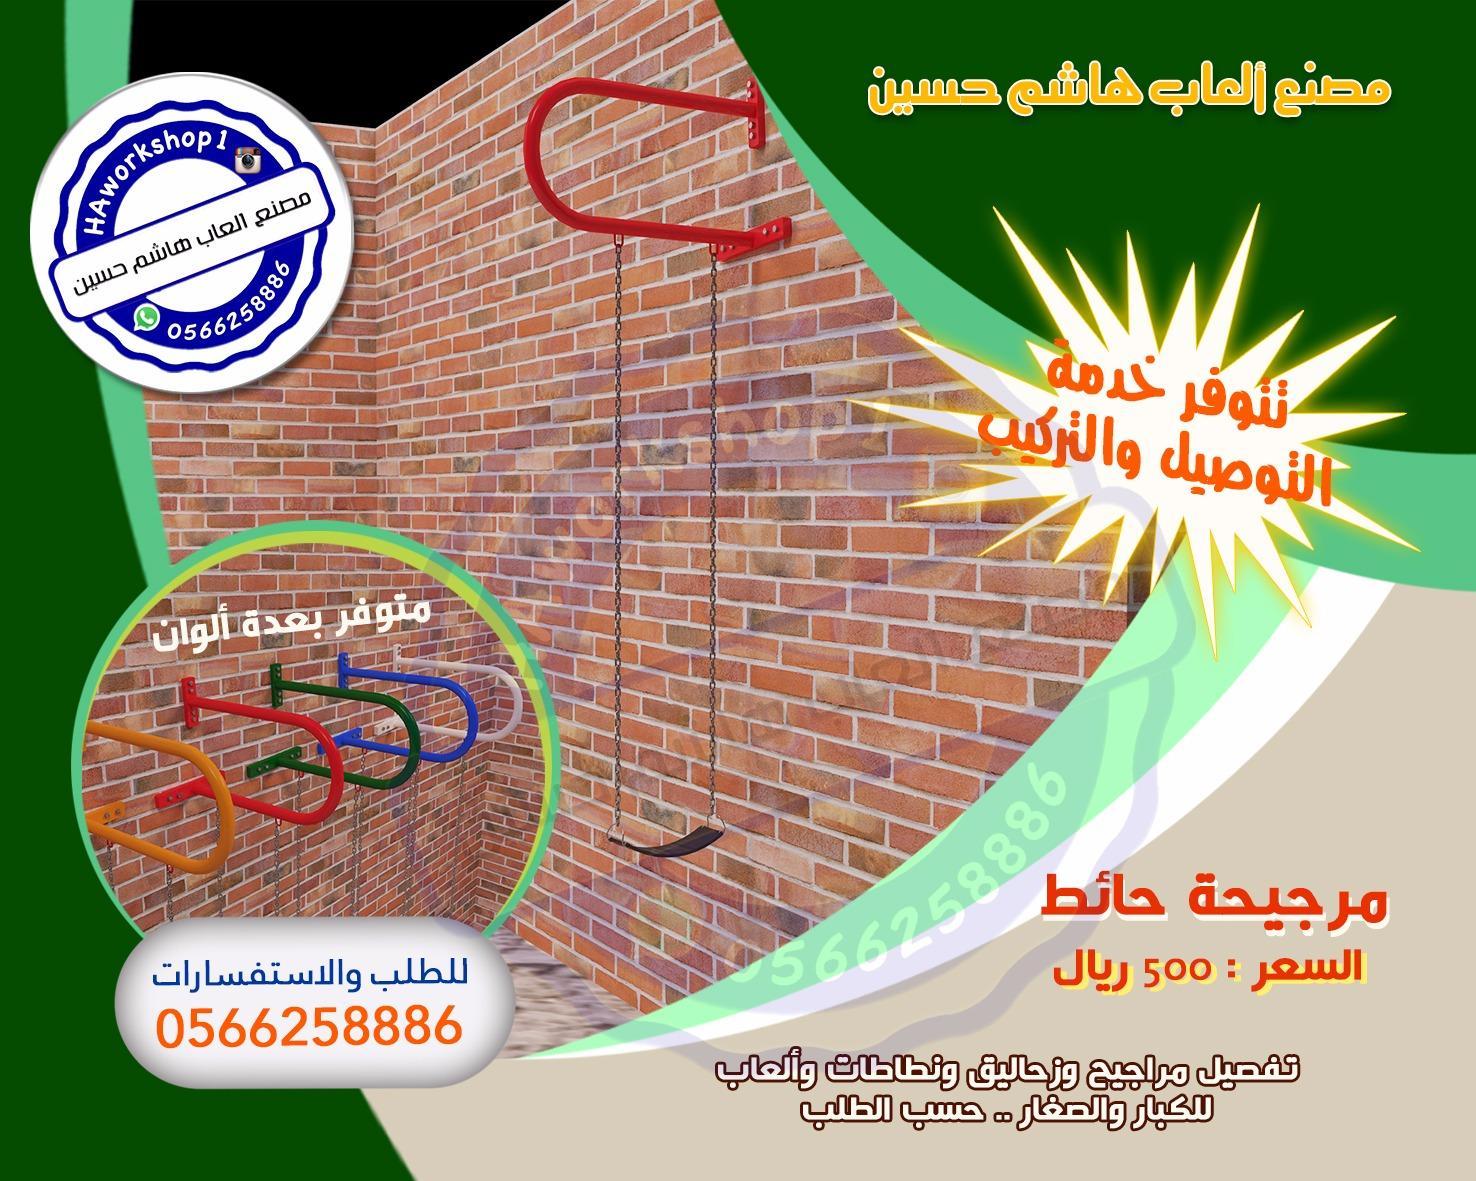 مصنع العاب هاشم حسين مراجيح زحاليق سلم تسلق صحن دوار نطاطات العاب هزازة 0566258886 241688713